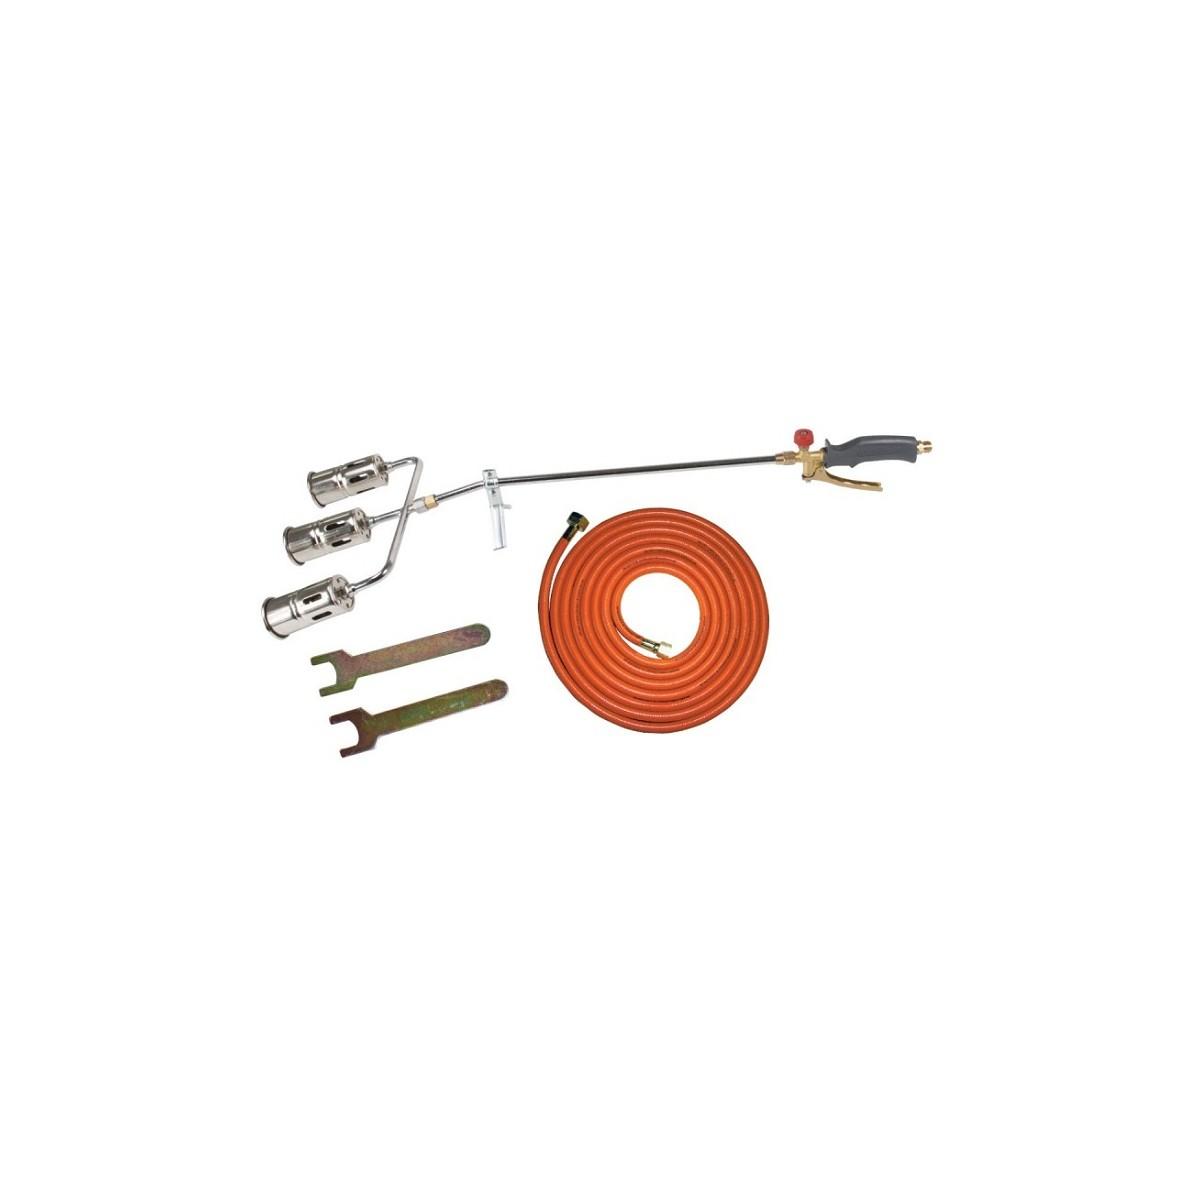 Palnik dekarski 3 x 50 mm Proline - 60053 Palnik dekarski 3 x 50 mm Proline - 60053